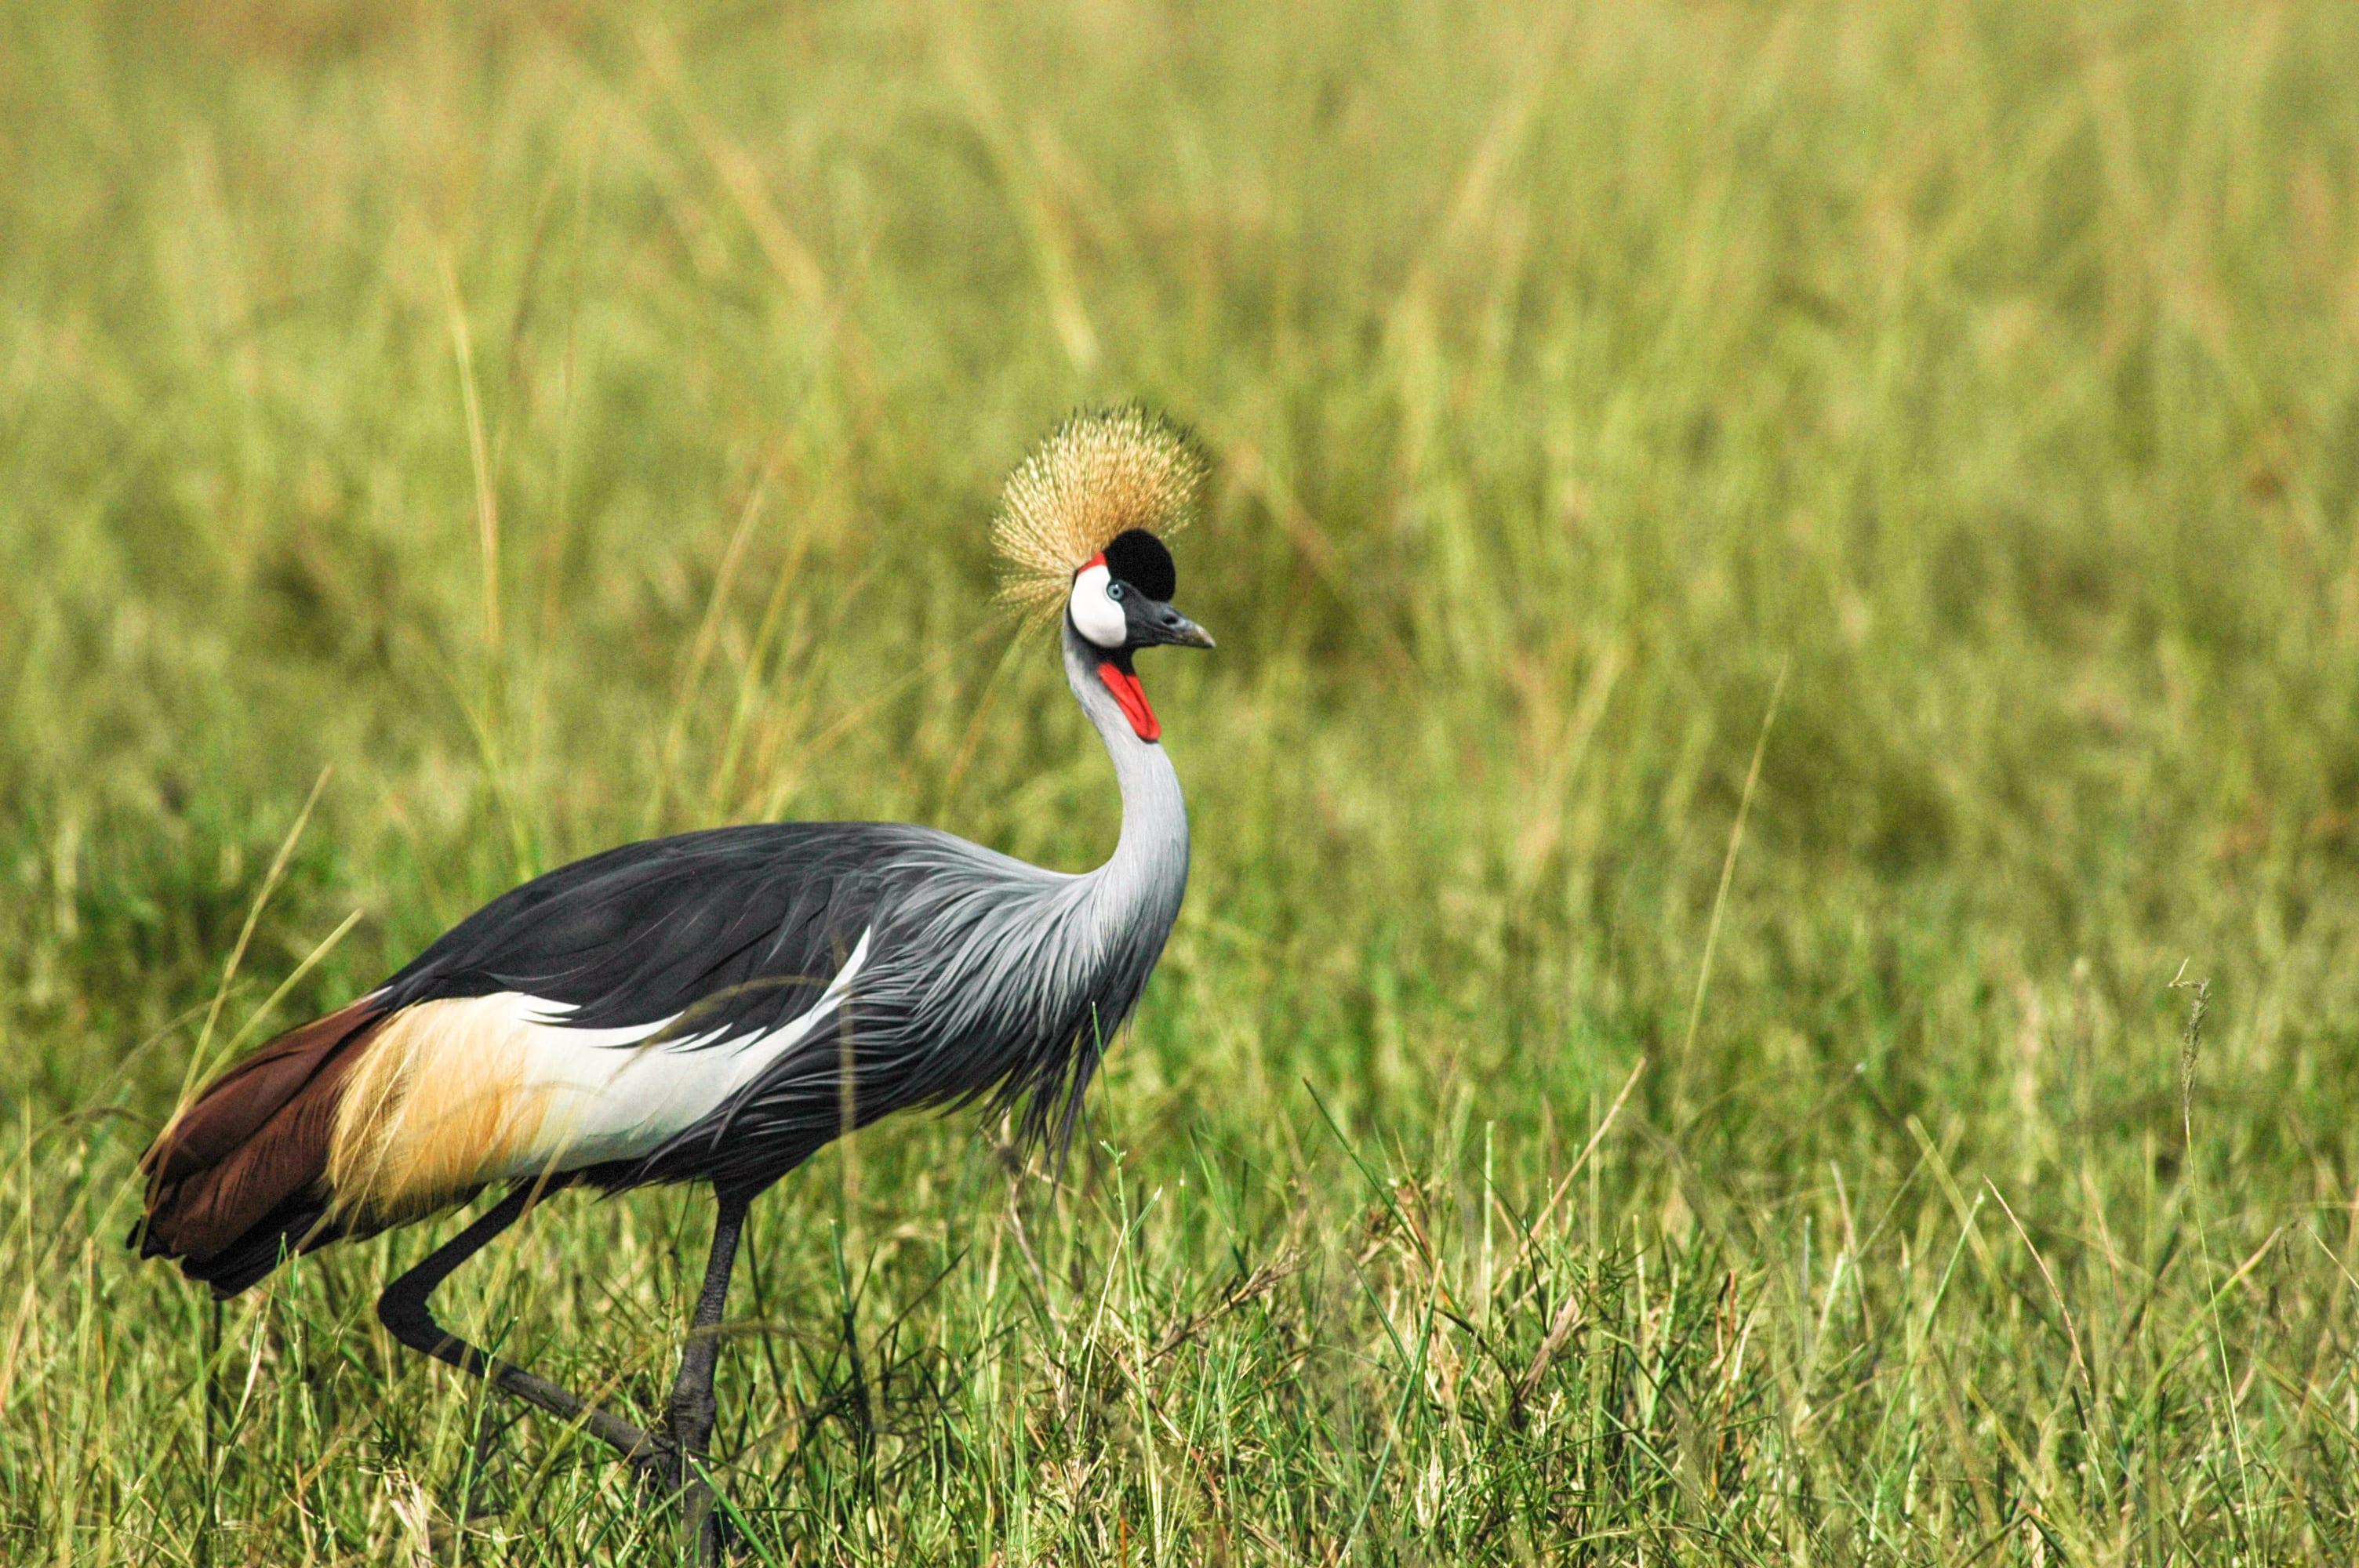 bird seen in Uganda